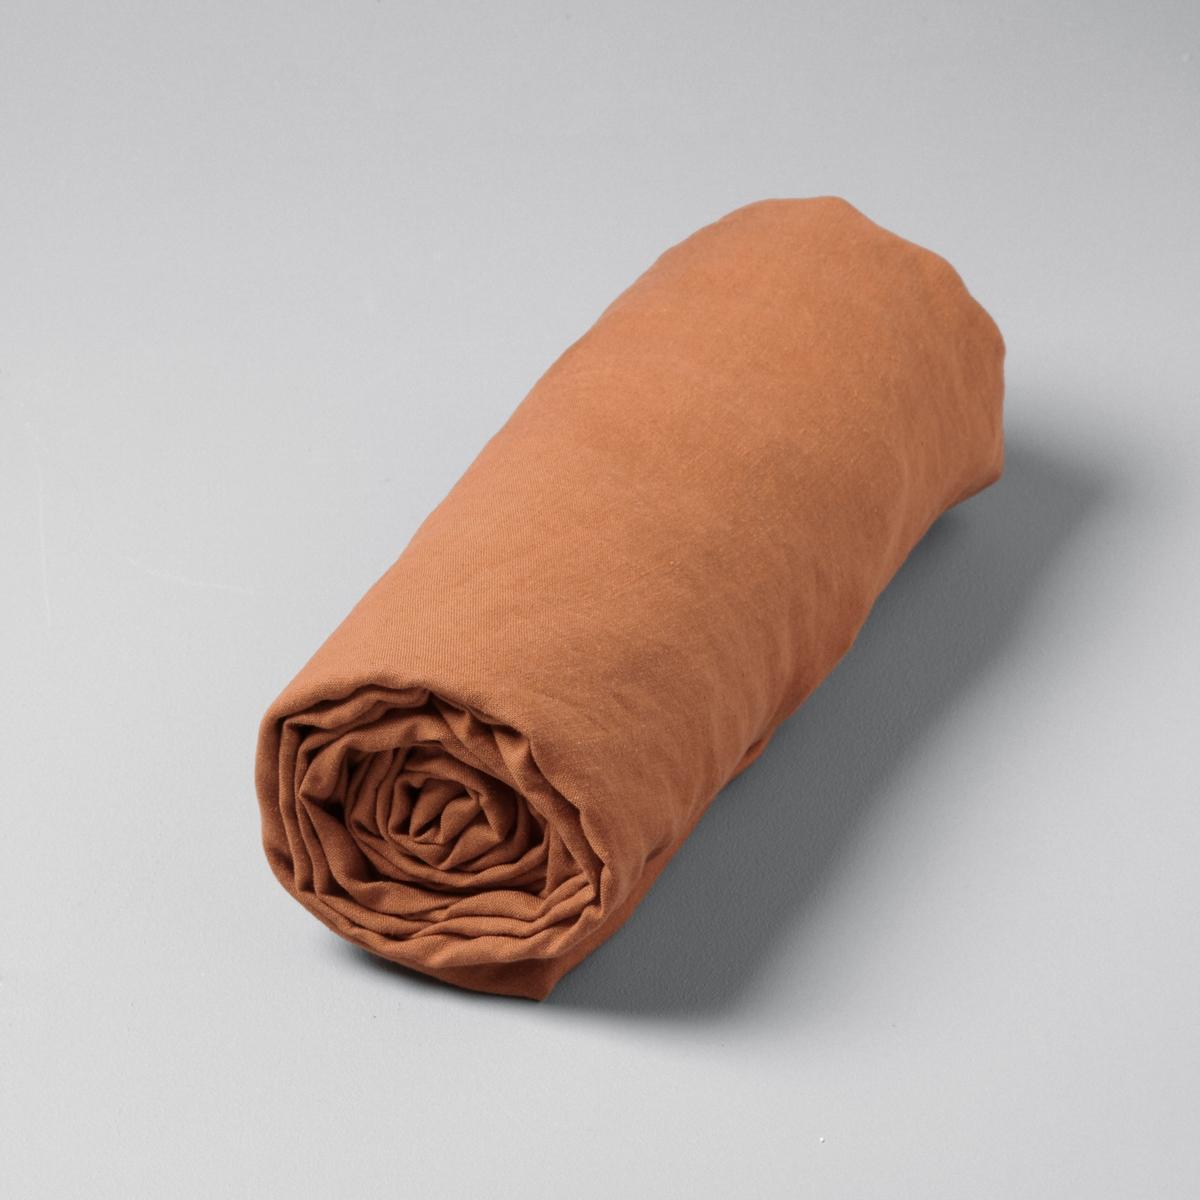 Натяжная простыня Helm из пенькиПенька - натуральный и экологичный материал обладает антибактериальными и противоаллергическими свойствами. Благодаря хорошей впитывающей способности, она позволяет поддерживать температурудля сохранения ощущения легкости и комфорта. Не требует глажения, с течением времени становится еще эстетичнее.Материал :- 100% пенька.Уход :- Машинная стирка при 40°.Размеры  :- Клапан 25 см.<br><br>Цвет: бледный сероватый сине-зеленый,зеленый кедровый,красное дерево,мокко,ореховый,песочный,светло-коричневый,серо-зеленый,синий,хаки темный,черный,экрю<br>Размер: 180 x 200  см.160 x 200  см